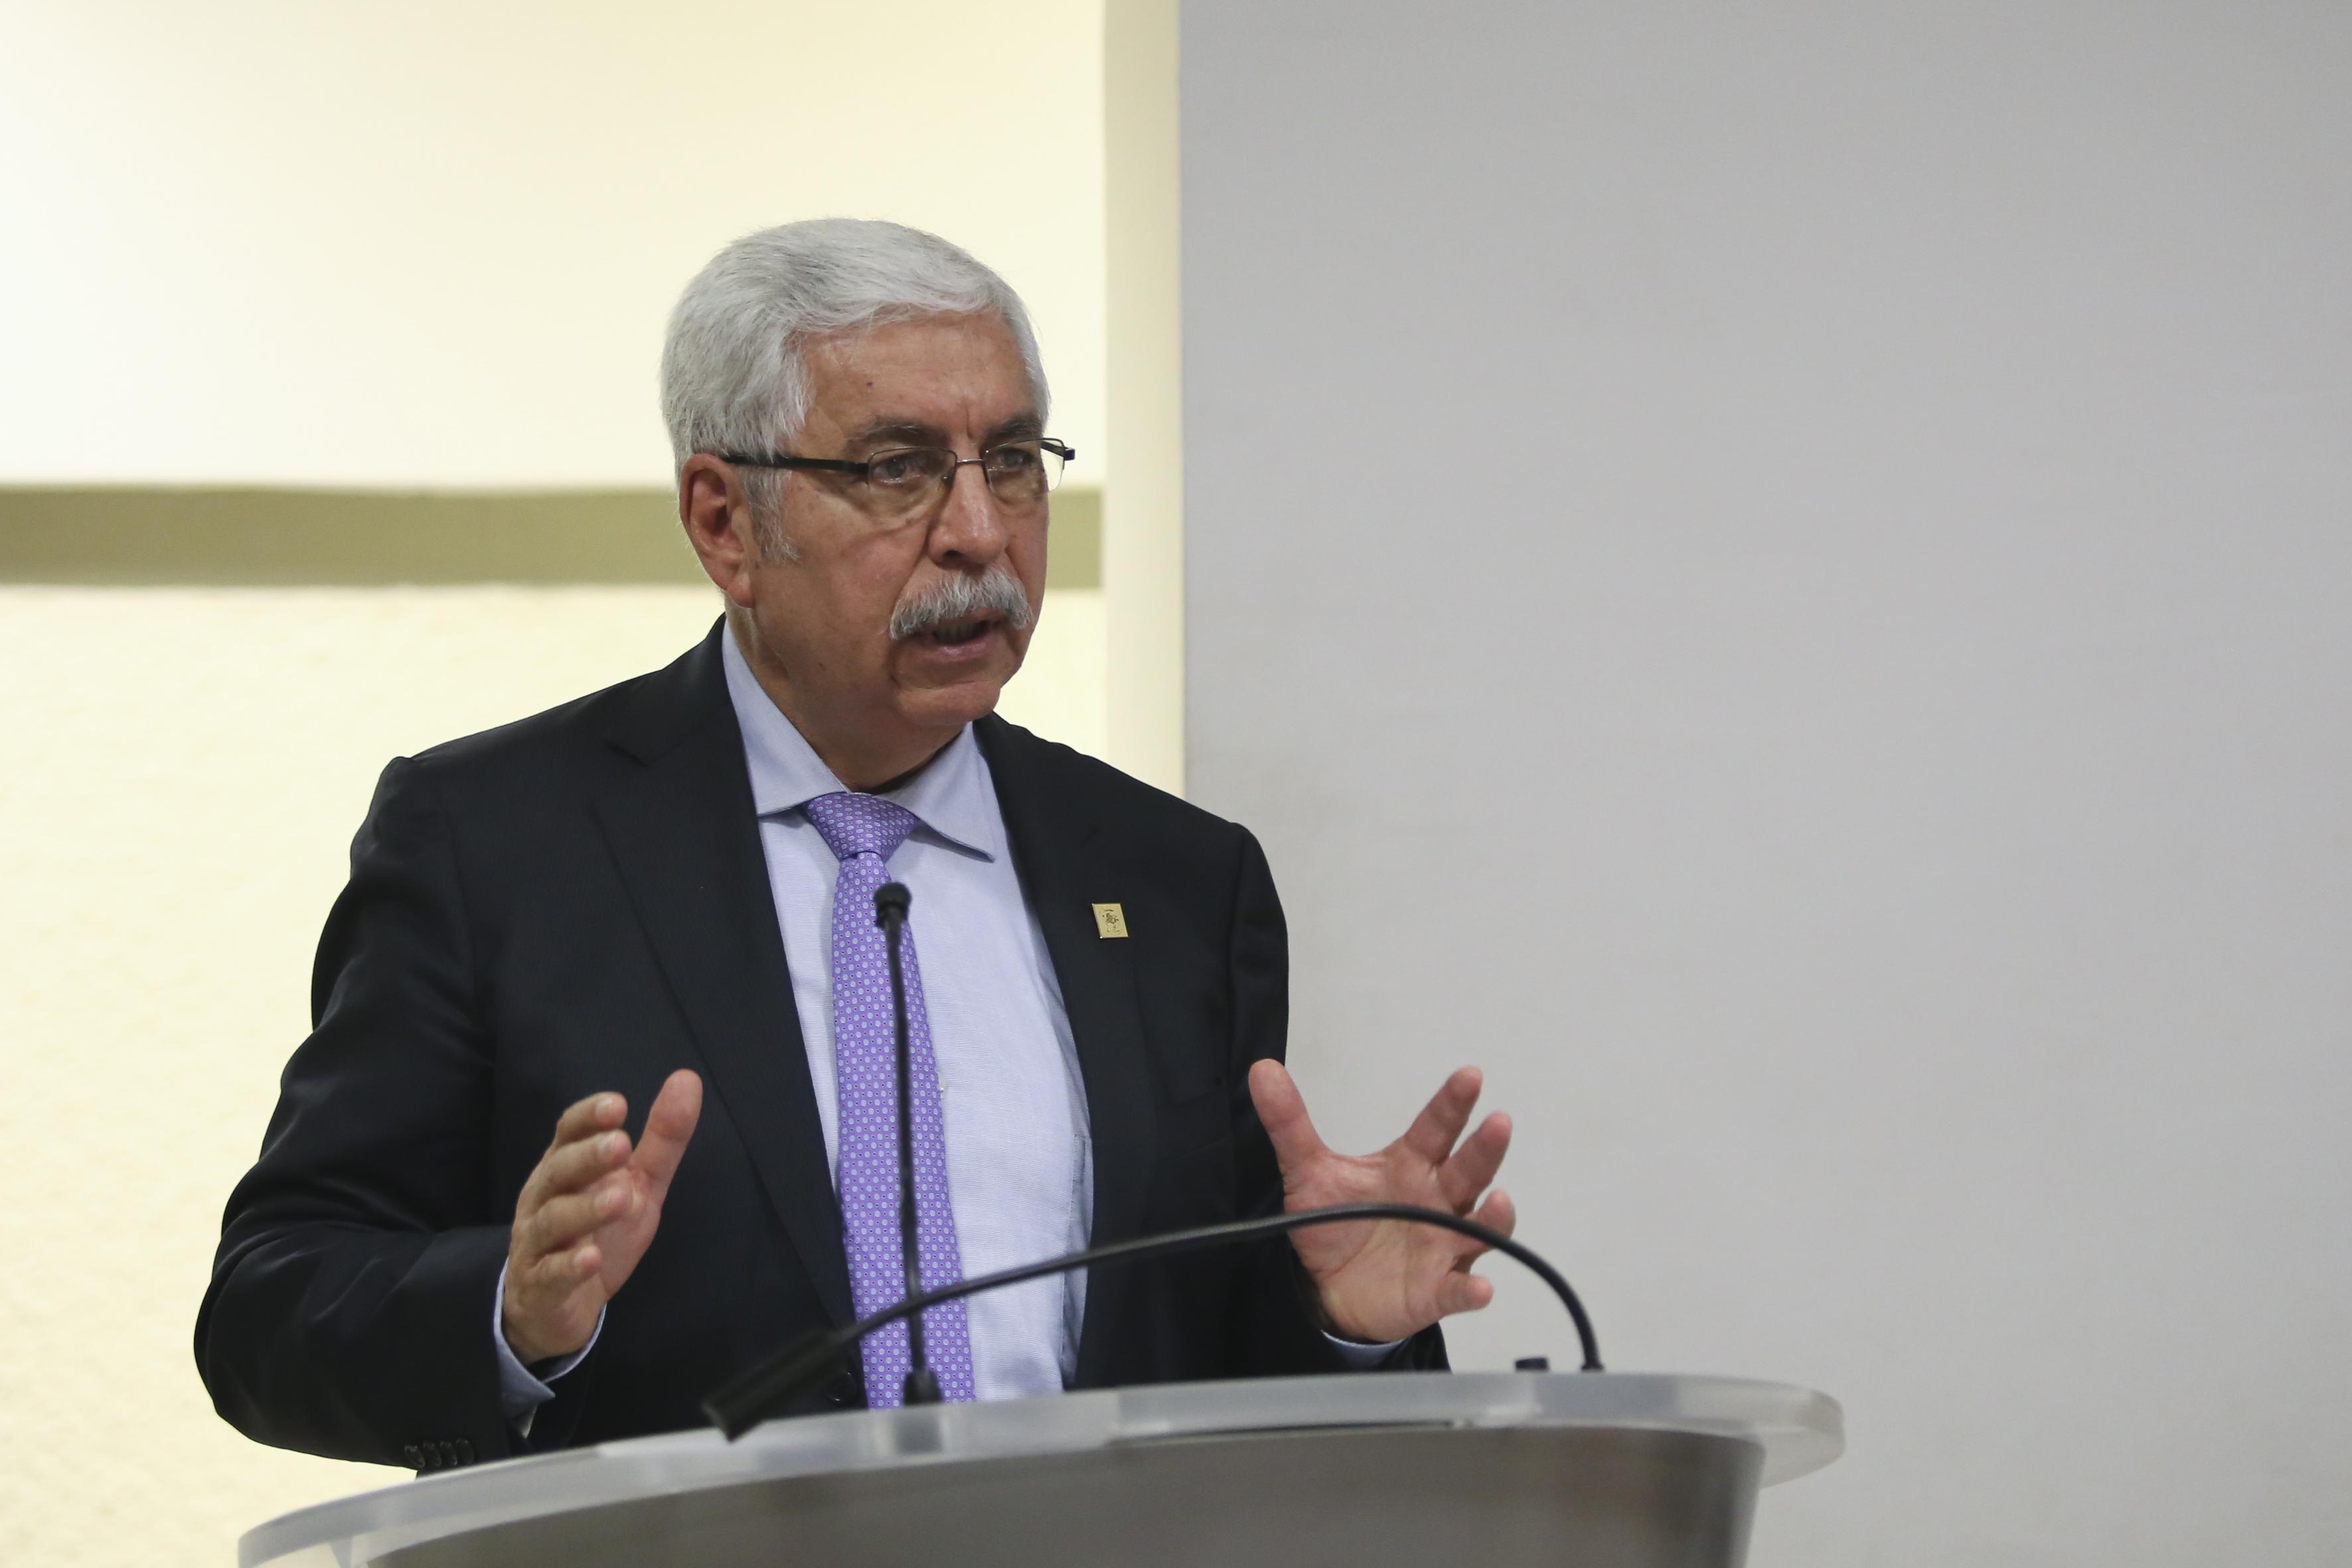 Dr Eduardo Manuel Robles Contreras al micrófono